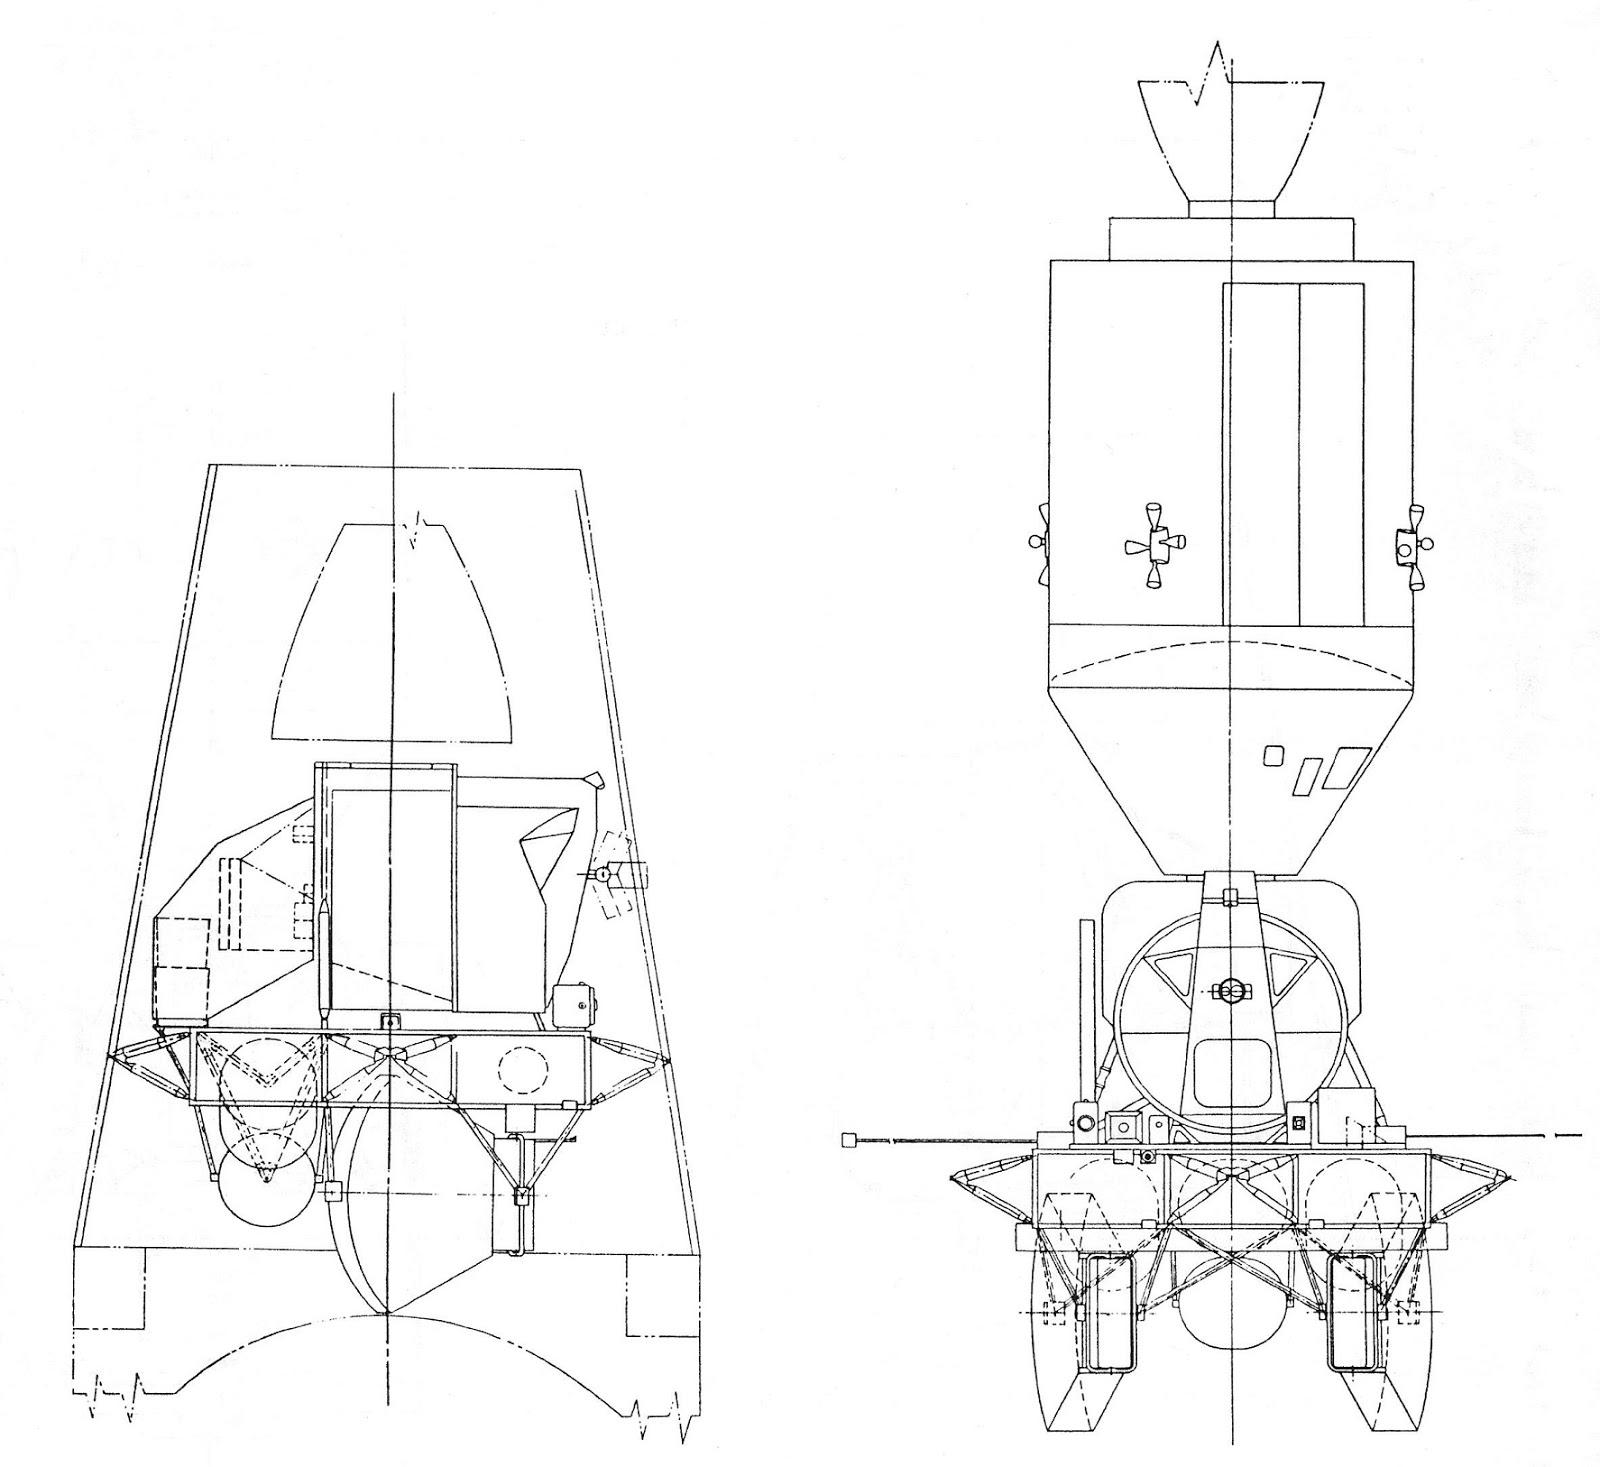 No Shortage of Dreams: Apollo Extension System Flight